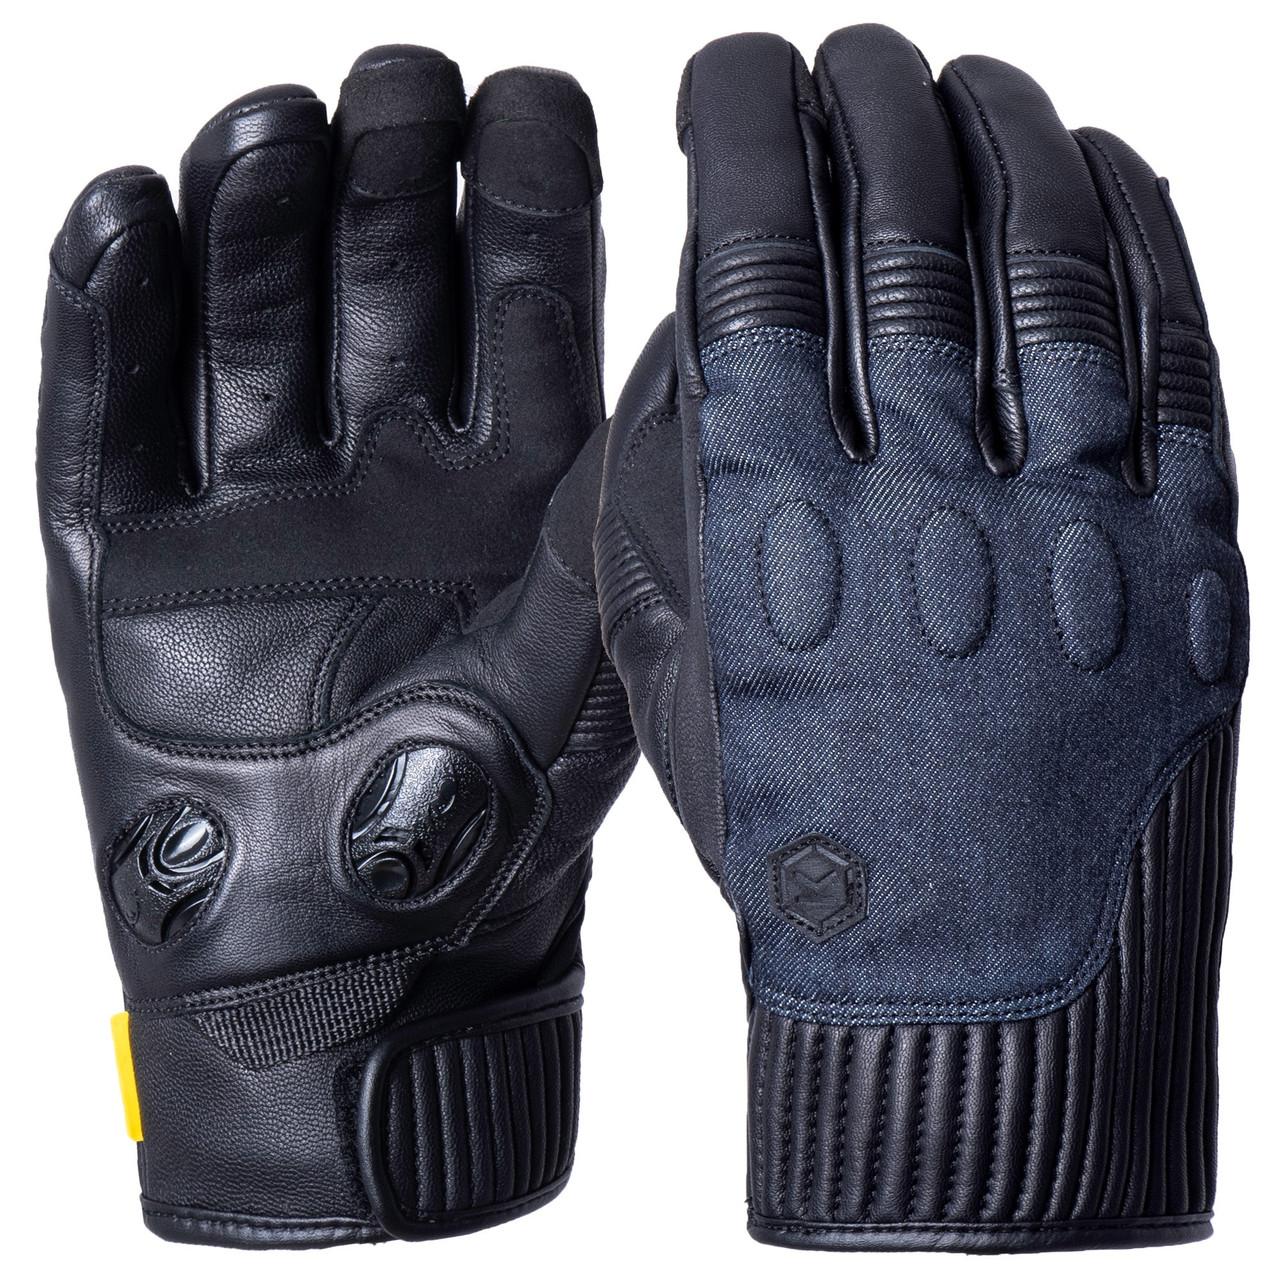 Мотоперчатки Knox Hanbury Black/Denim M